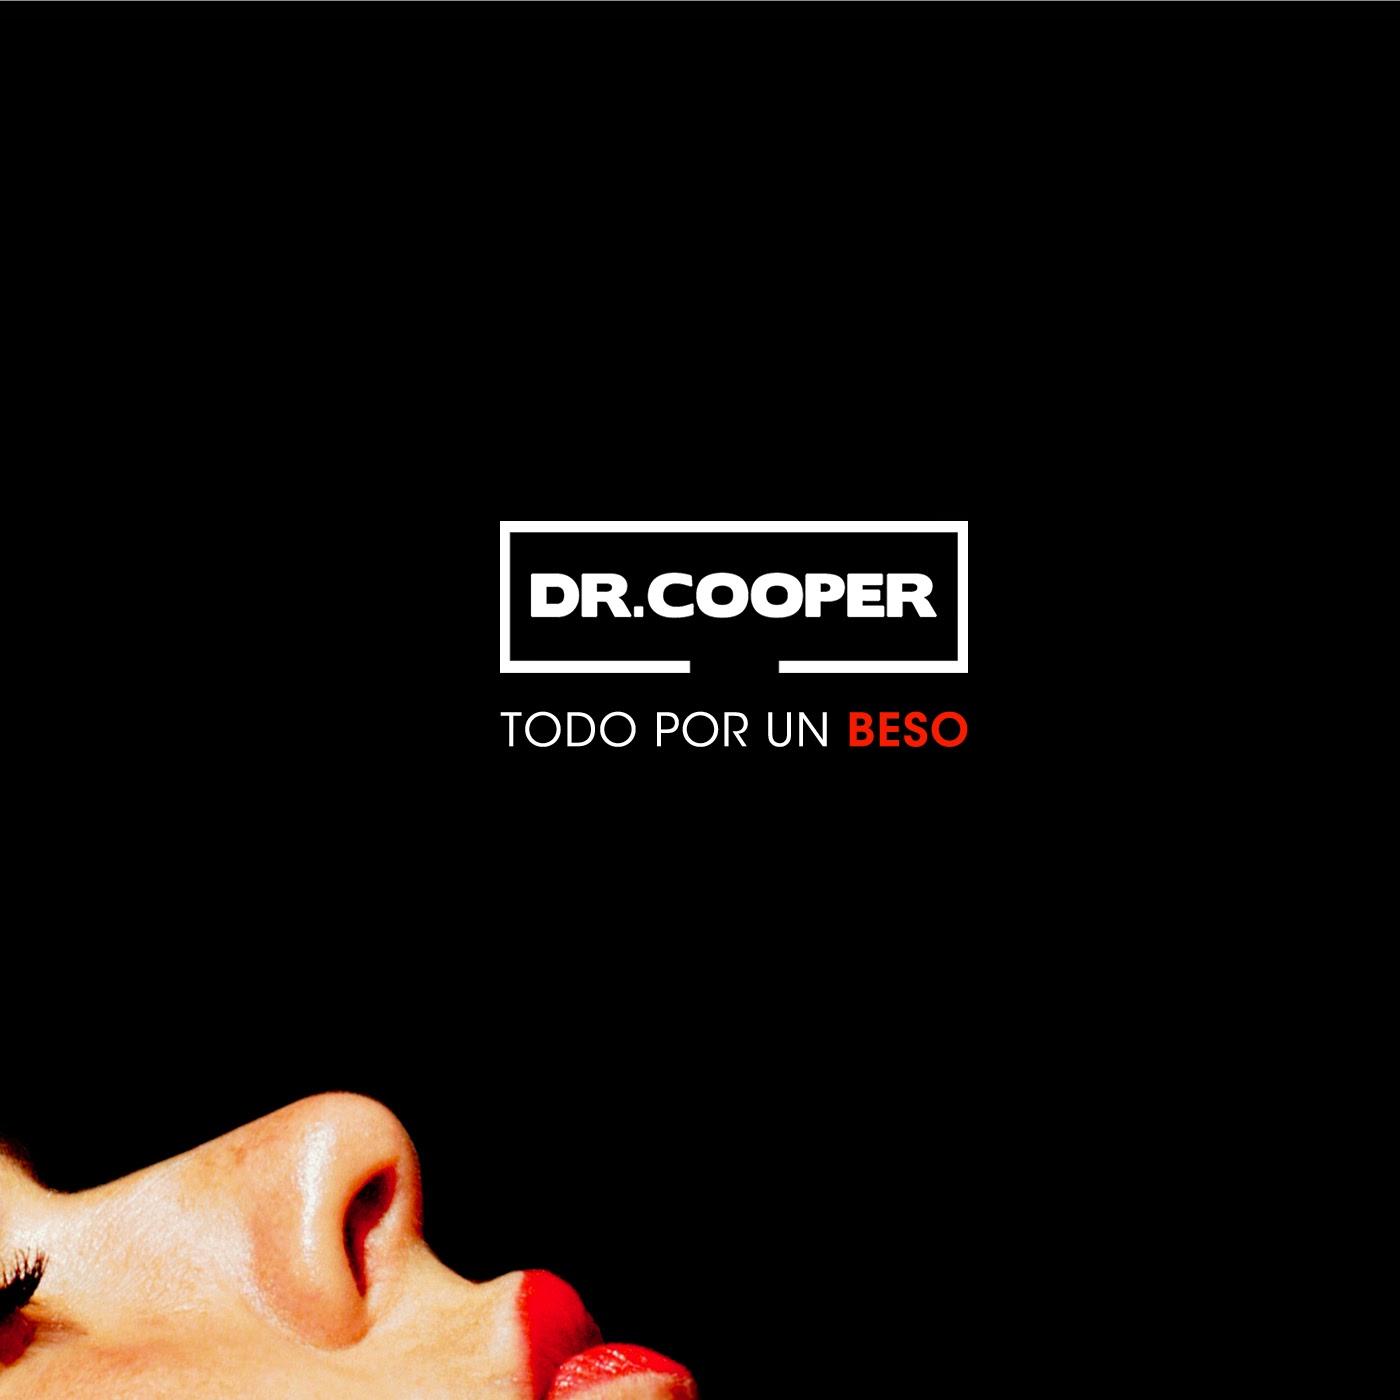 Dr.Cooper todo por un beso